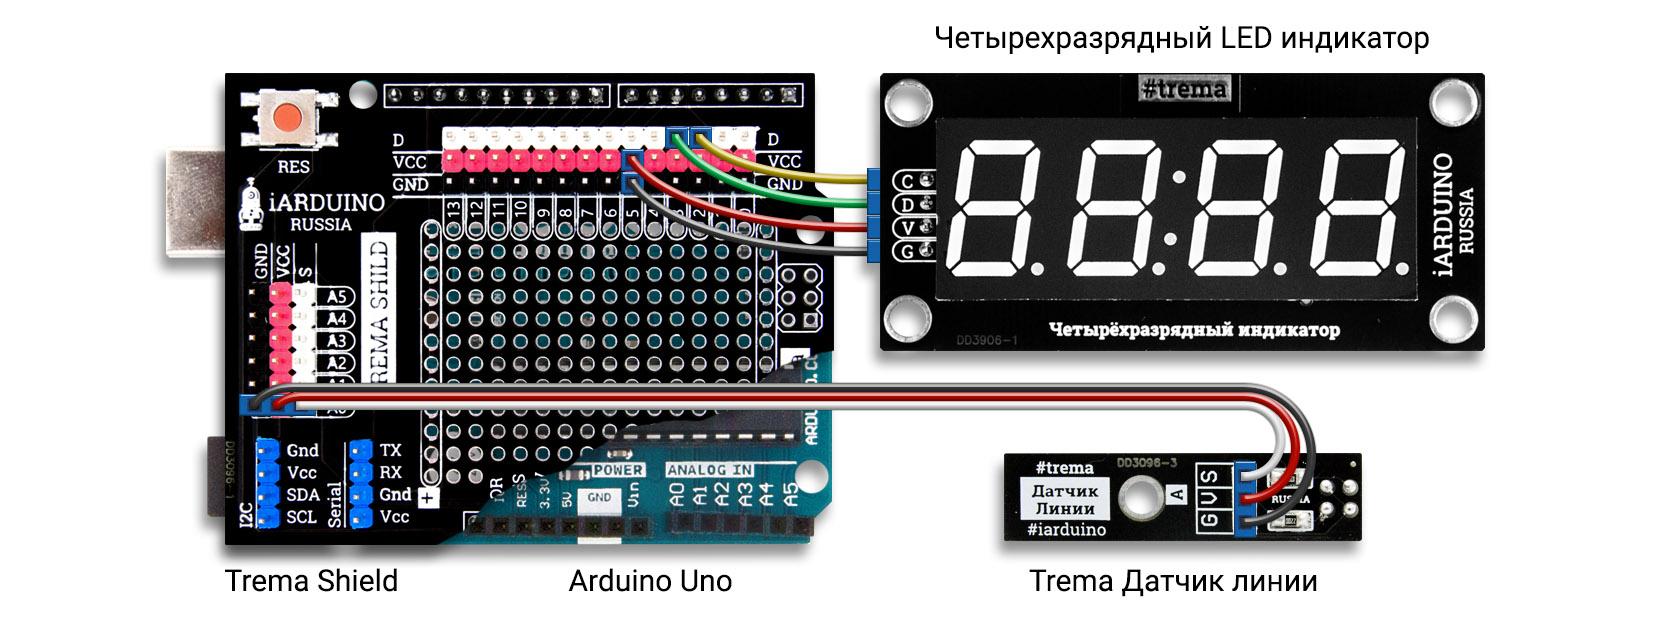 цифровые светодиодные дисплеи схема подключения